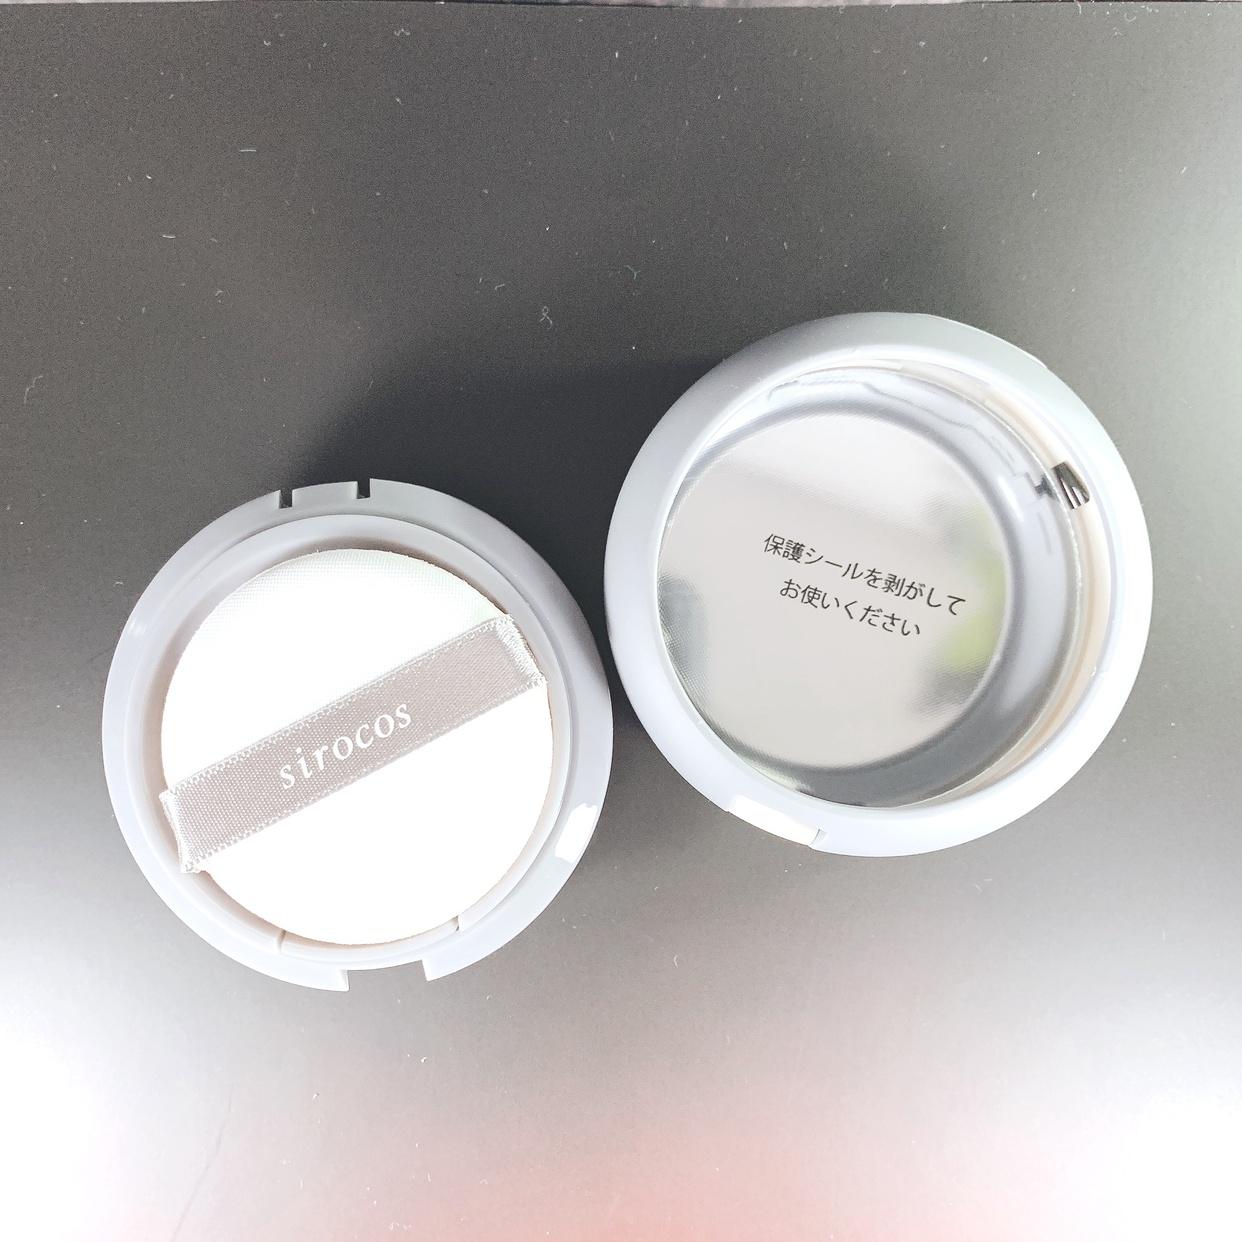 sirocos(シロコス) カラーグローファンデーションを使ったkana_cafe_timeさんのクチコミ画像3